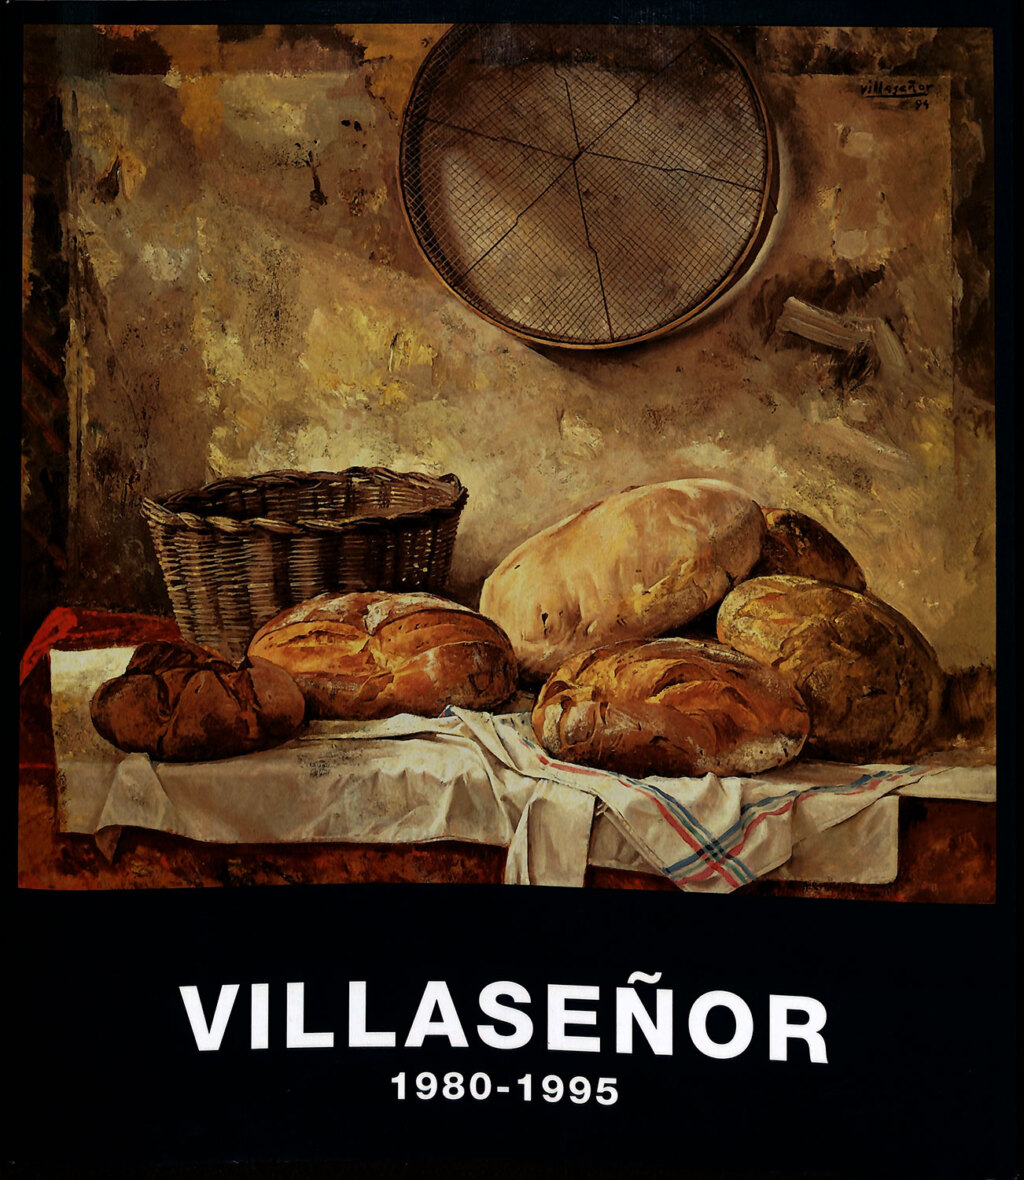 Portada del catálogo de la exposición Villaseñor Museo de la Fundacion Gregorio Prieto